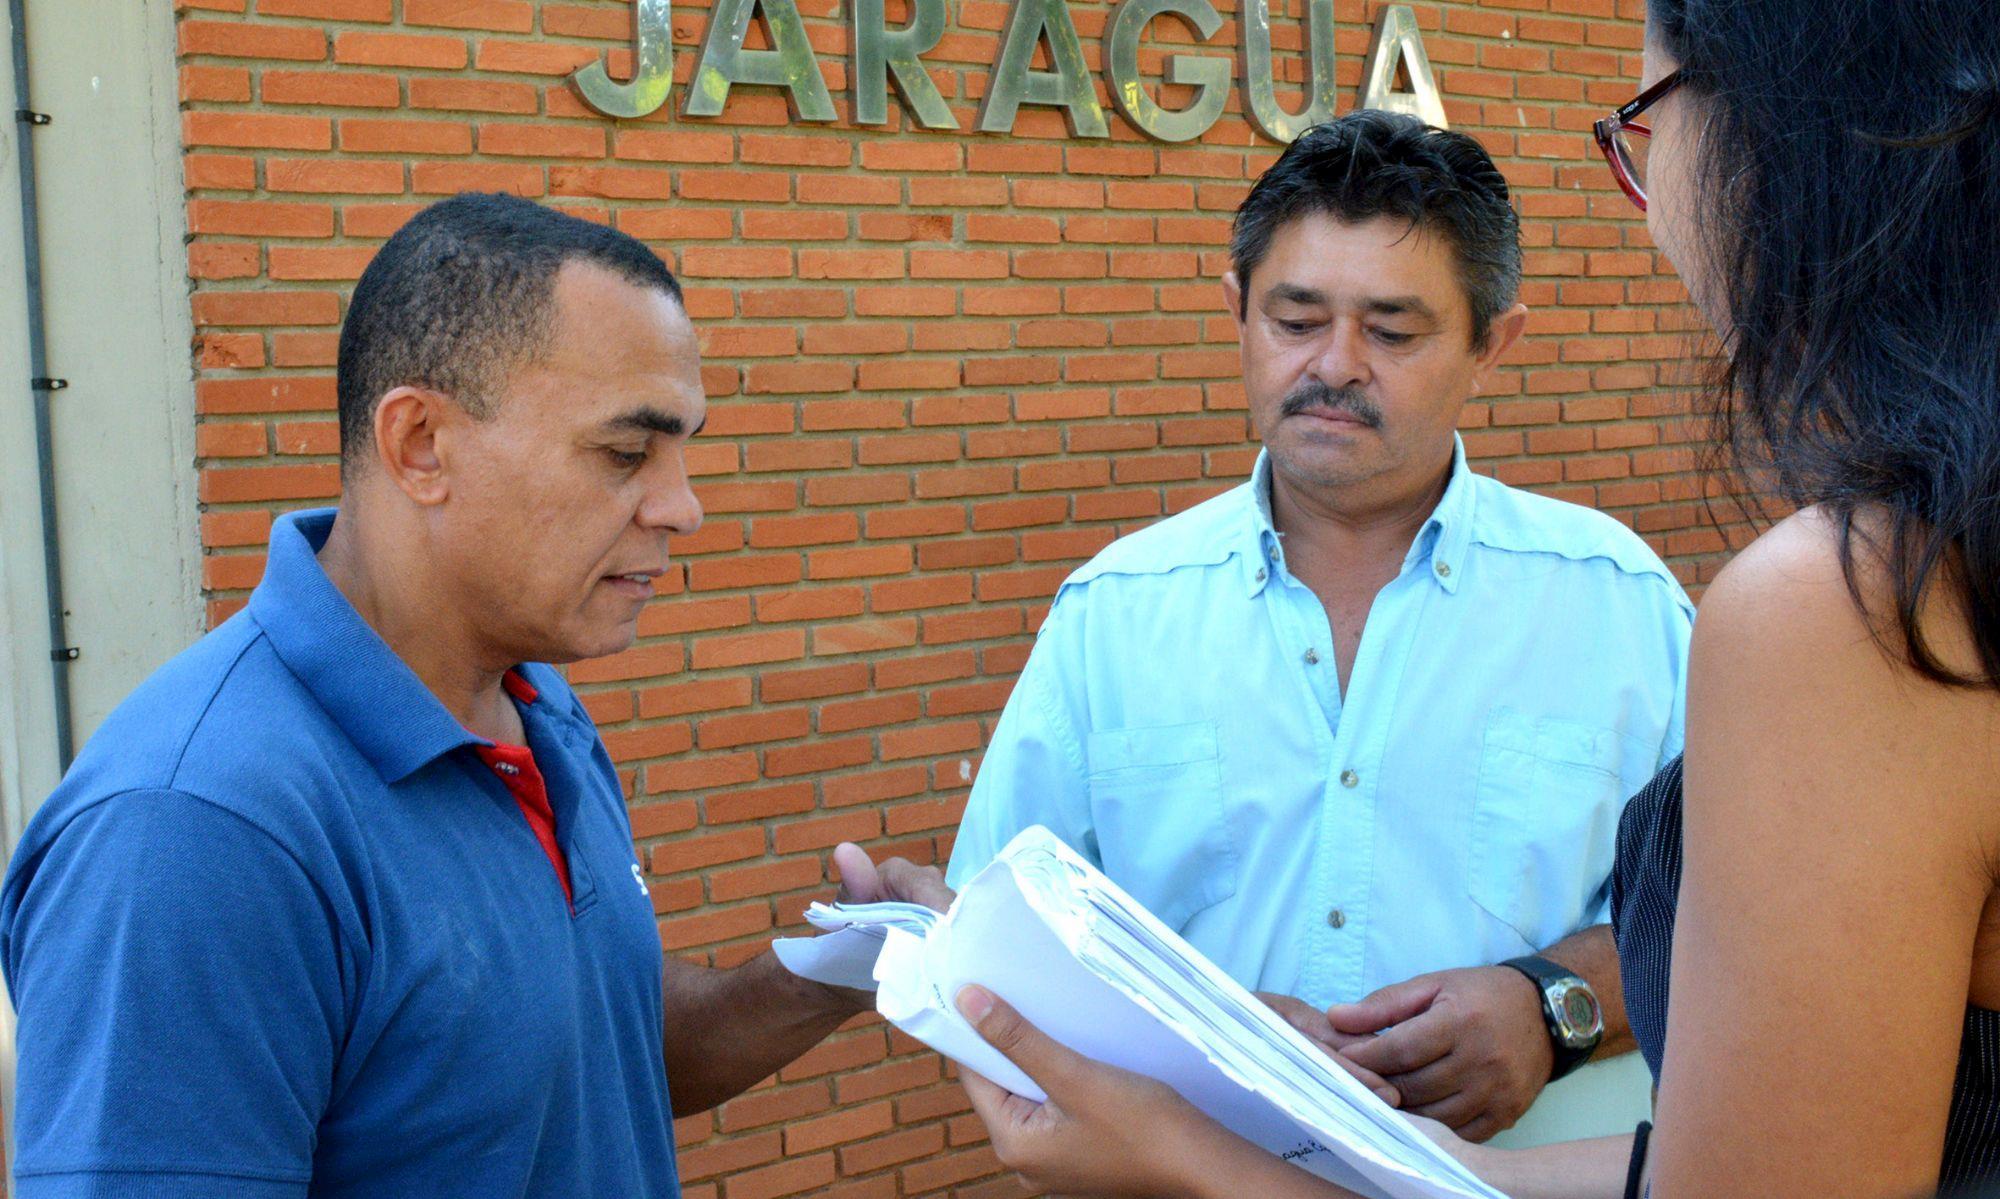 jaragua, reintegração, abraao, ler, Foguinho/Imprensa SMetal